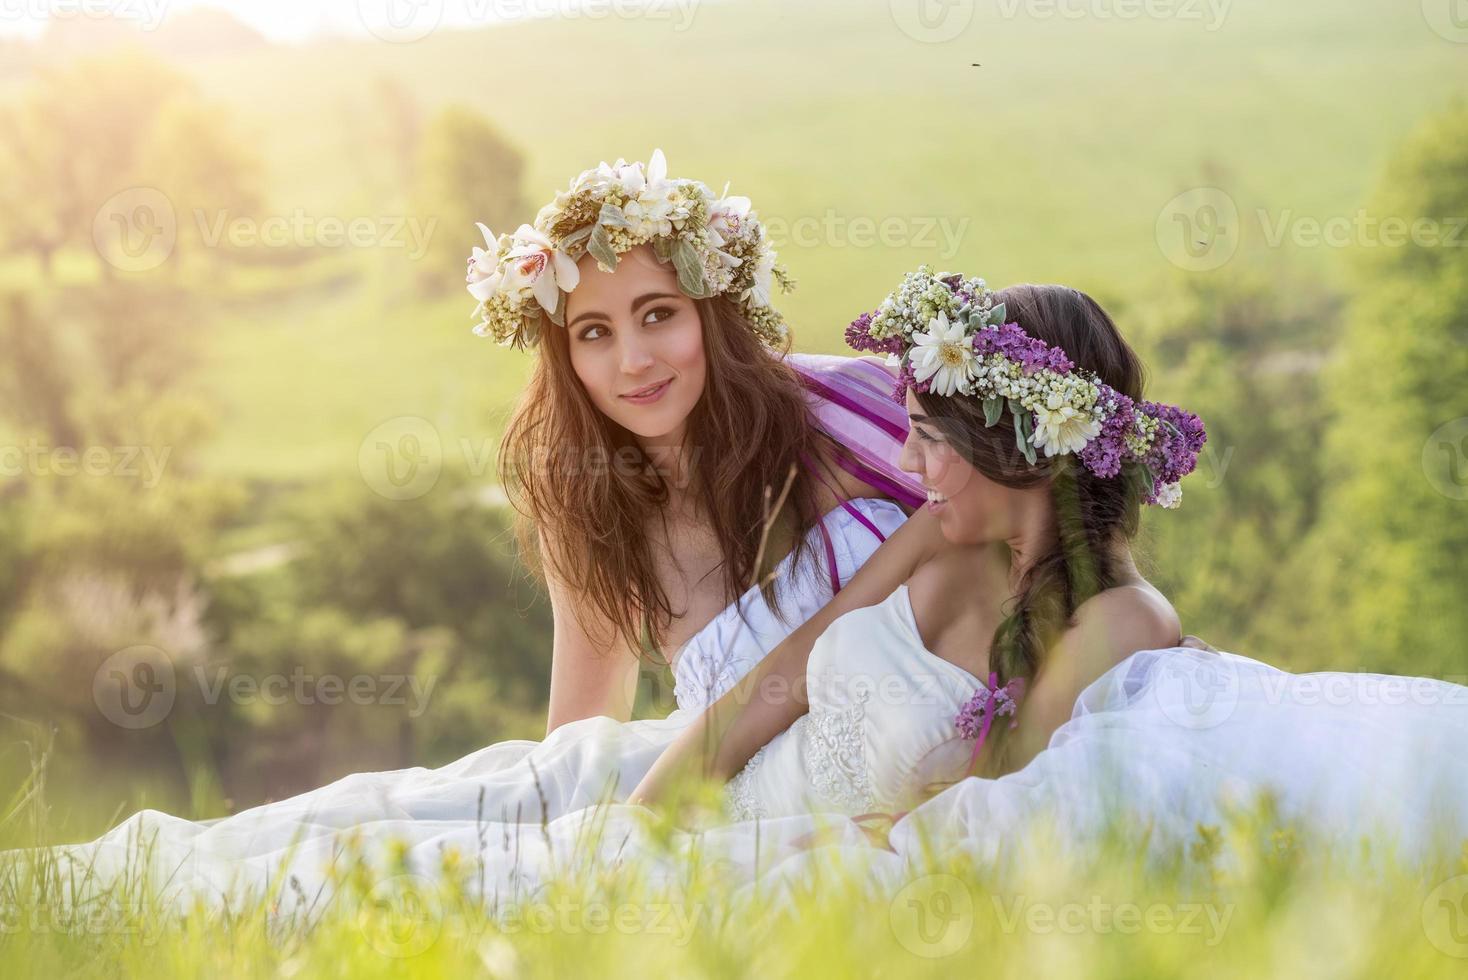 Mooie bruid 2 in openlucht, zittend op gras foto